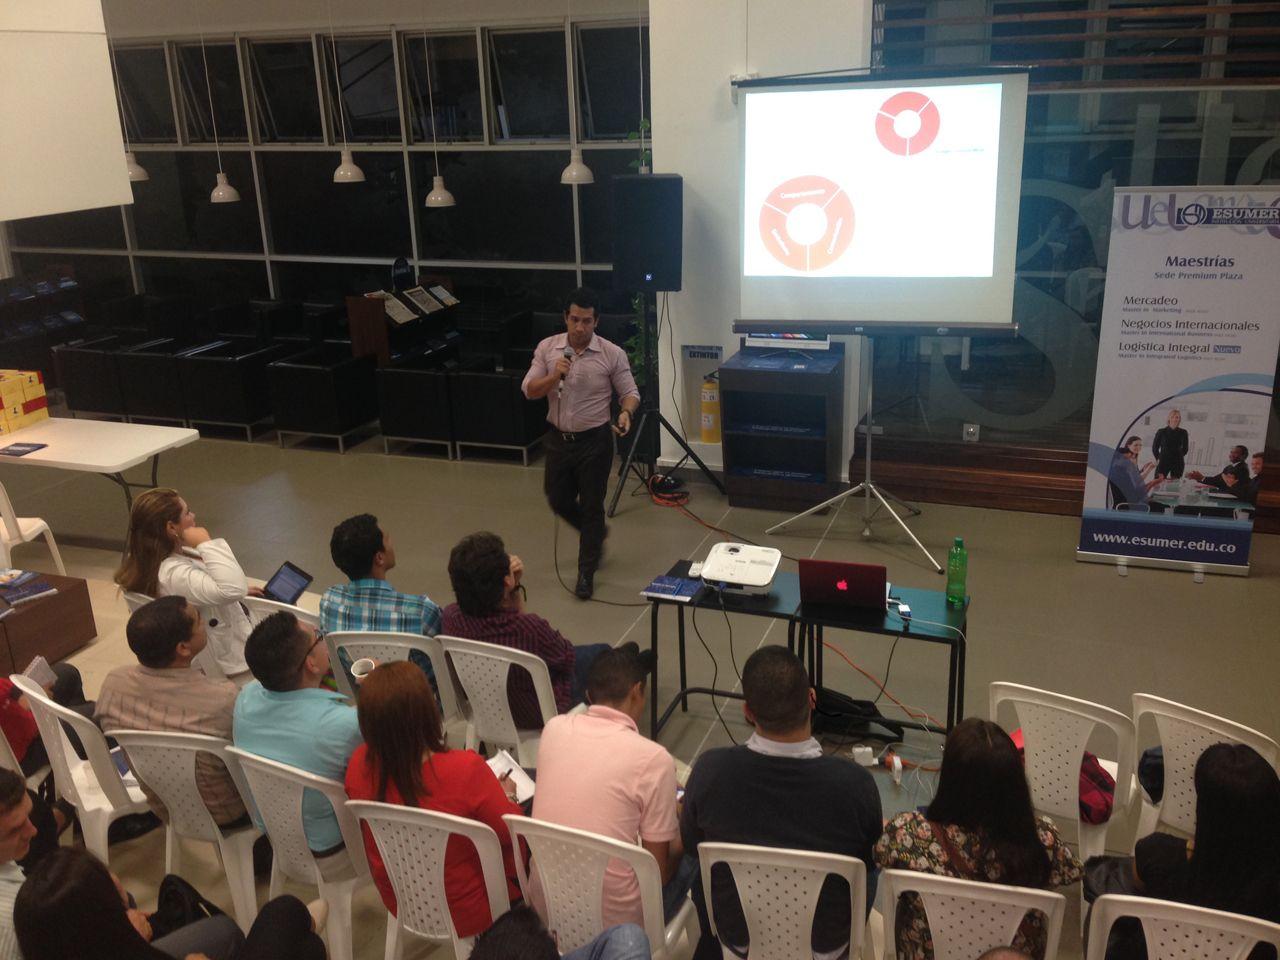 Camilo Vera en Trends & Tendencies organizado por ESUMER Medellín y ESIC